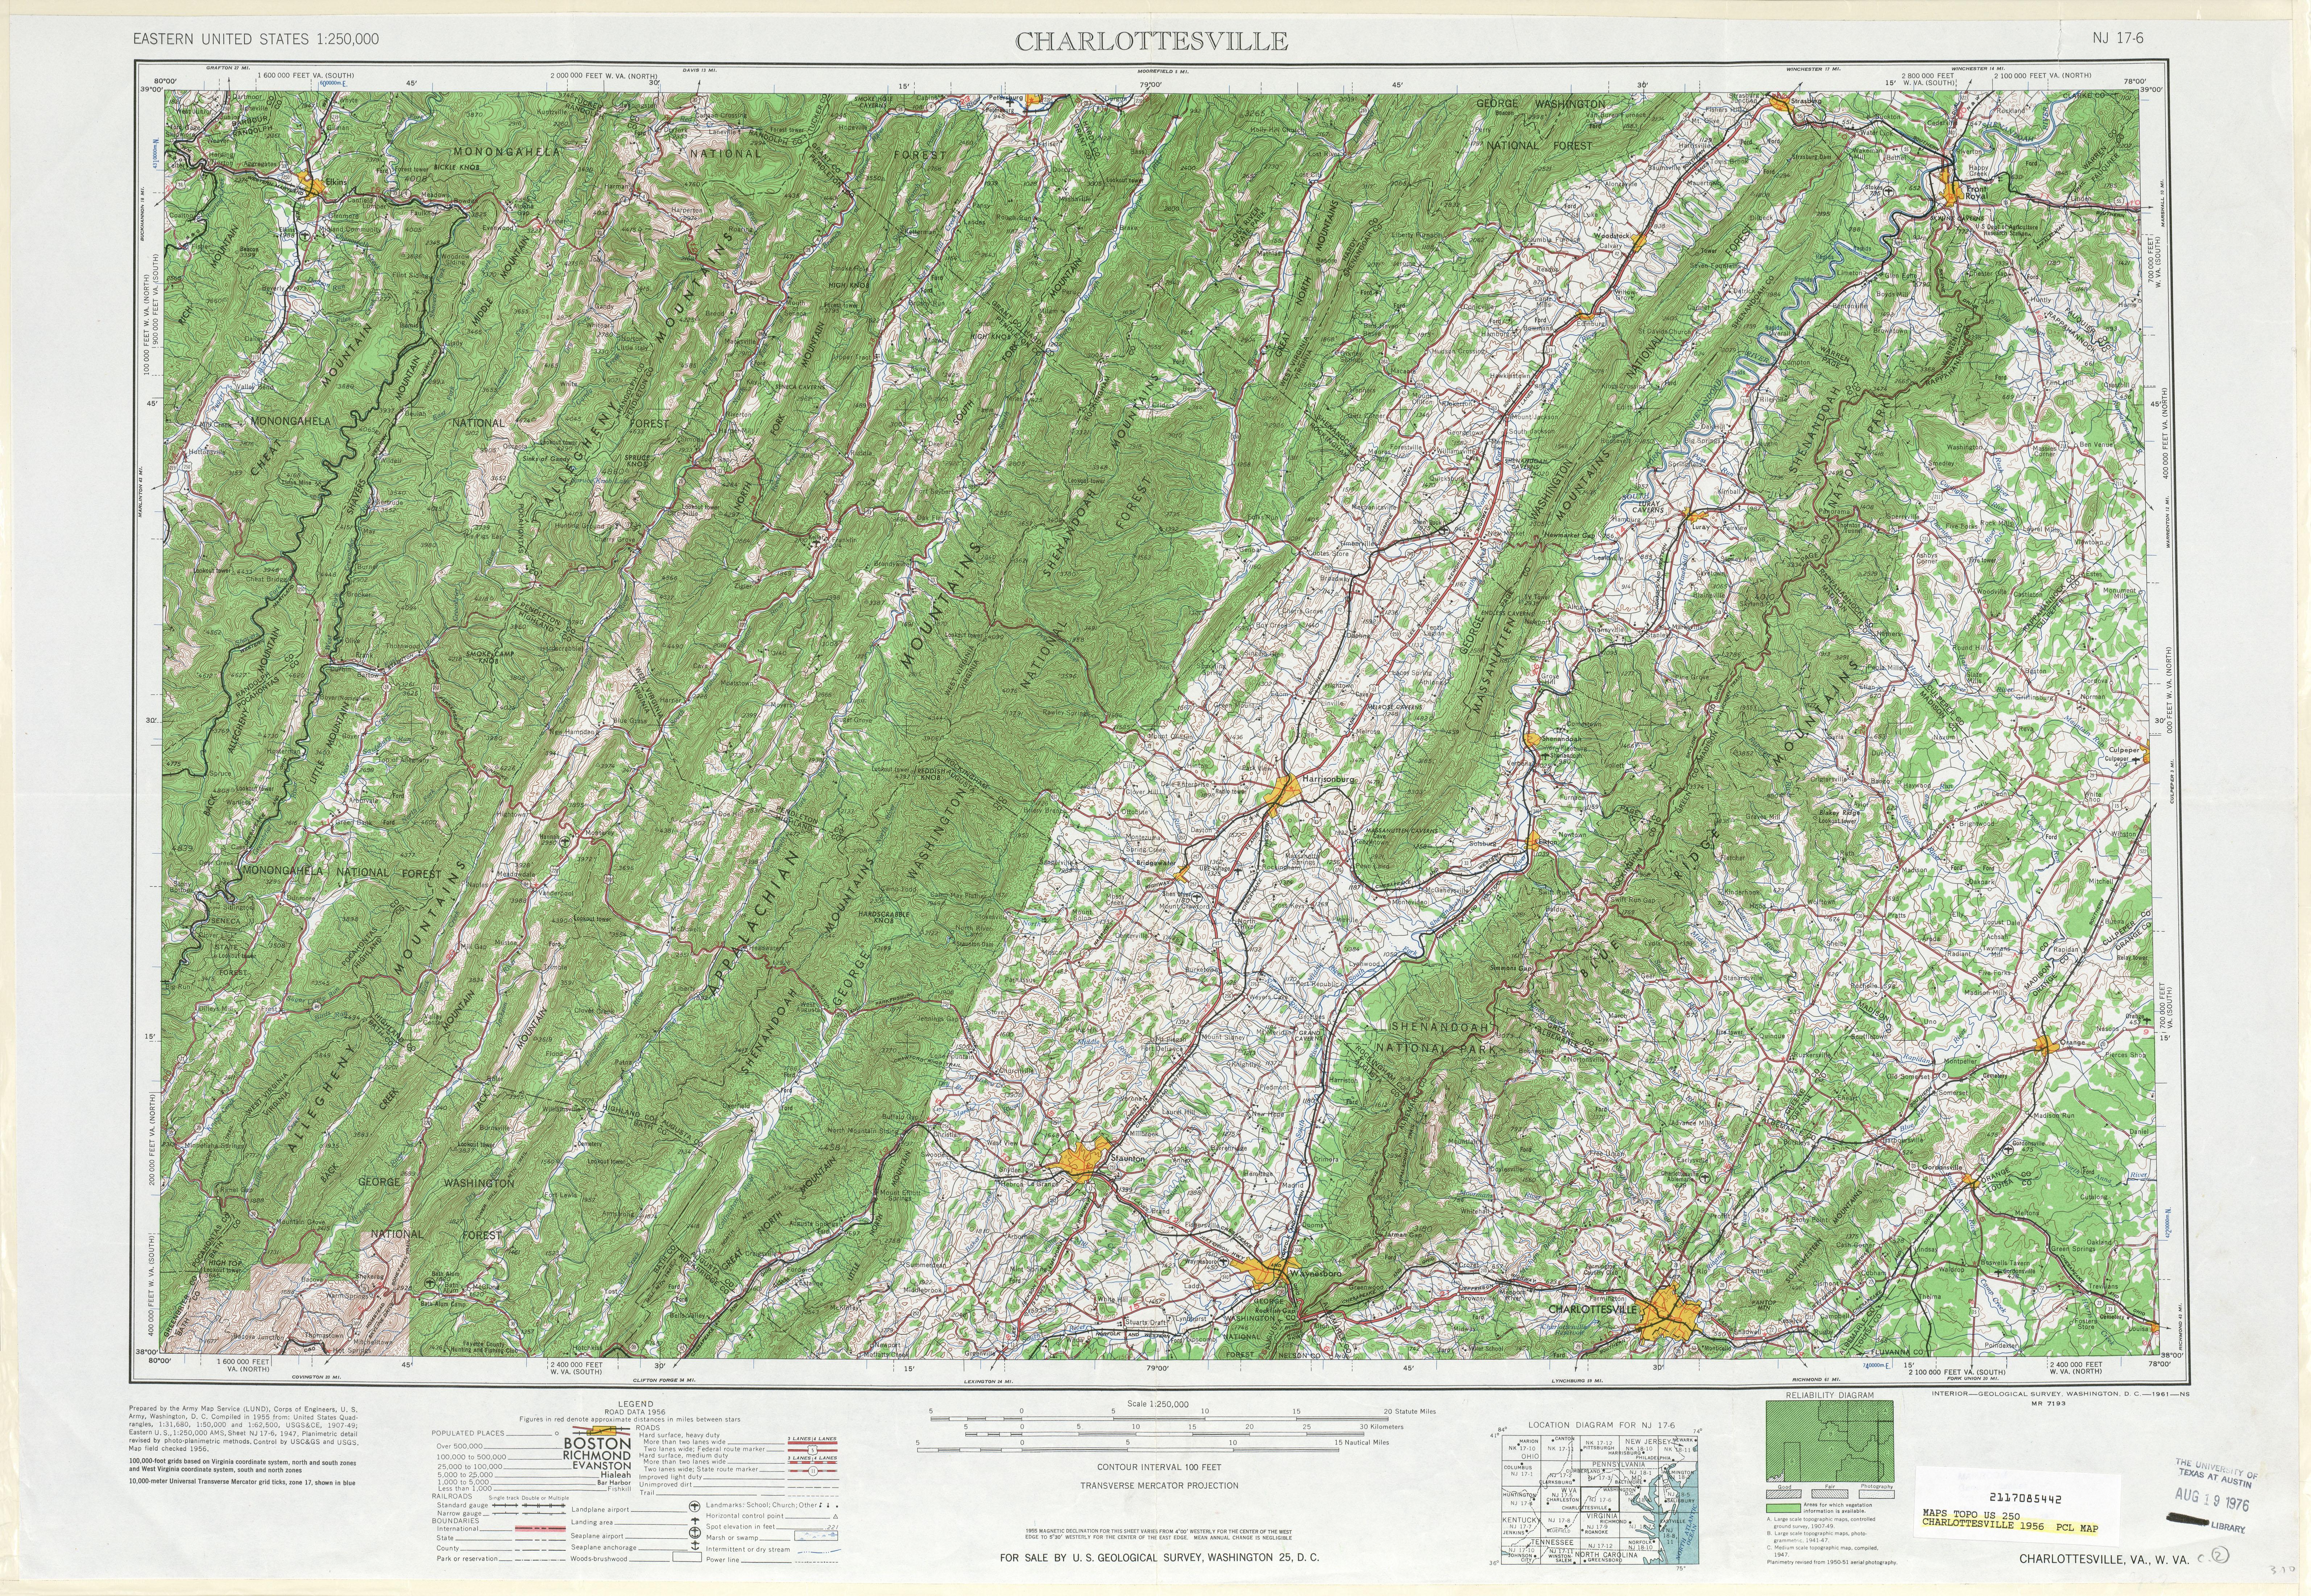 Hoja Charlottesville del Mapa de Relieve Sombreado de los Estados Unidos 1956